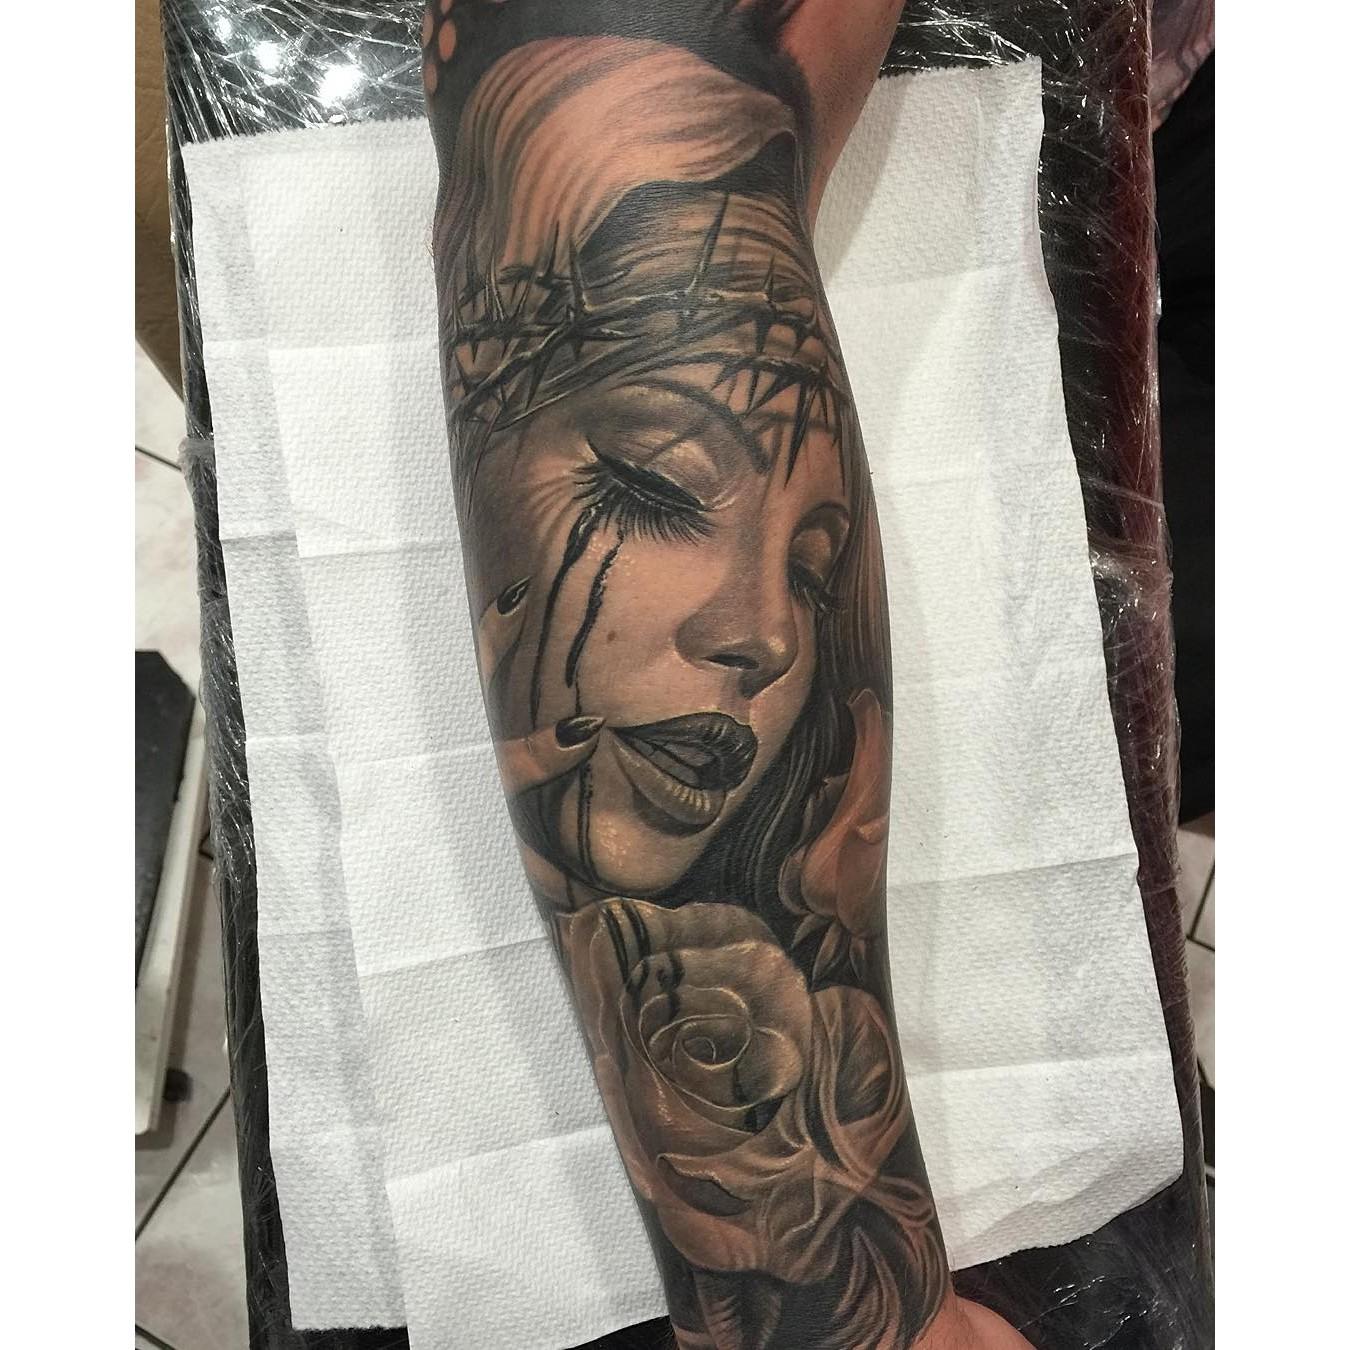 Ry-tattoomiester-tattoo-73318.jpg (1350×1350